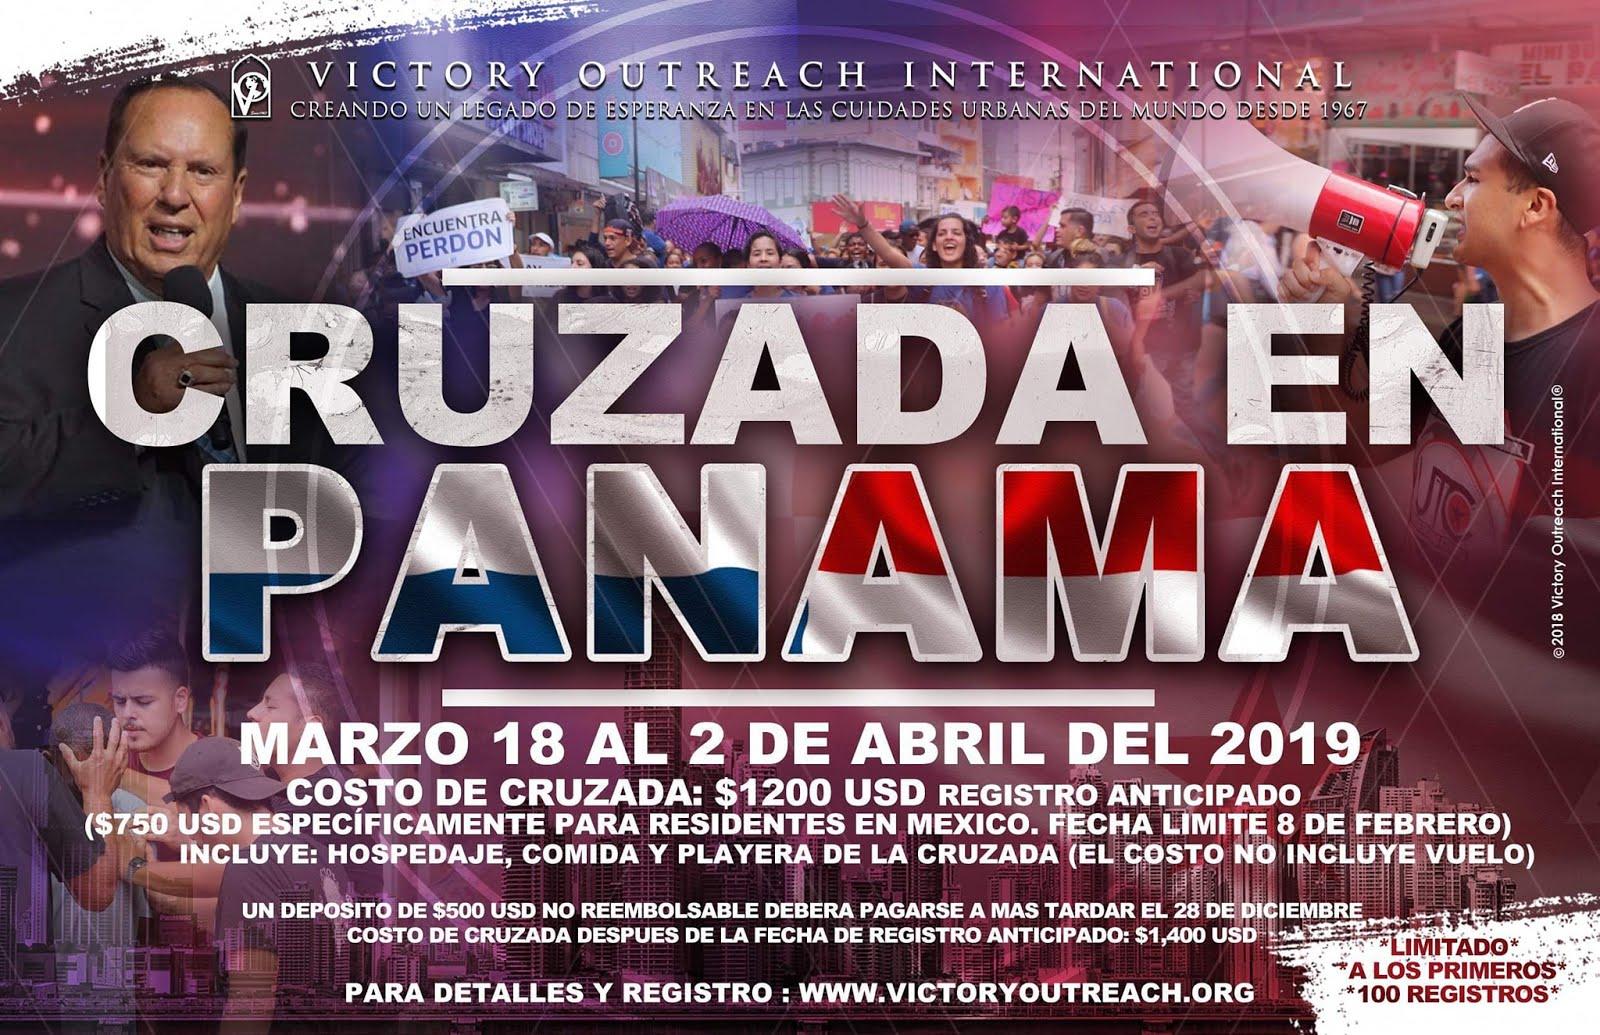 Cruzada Panamá 2019